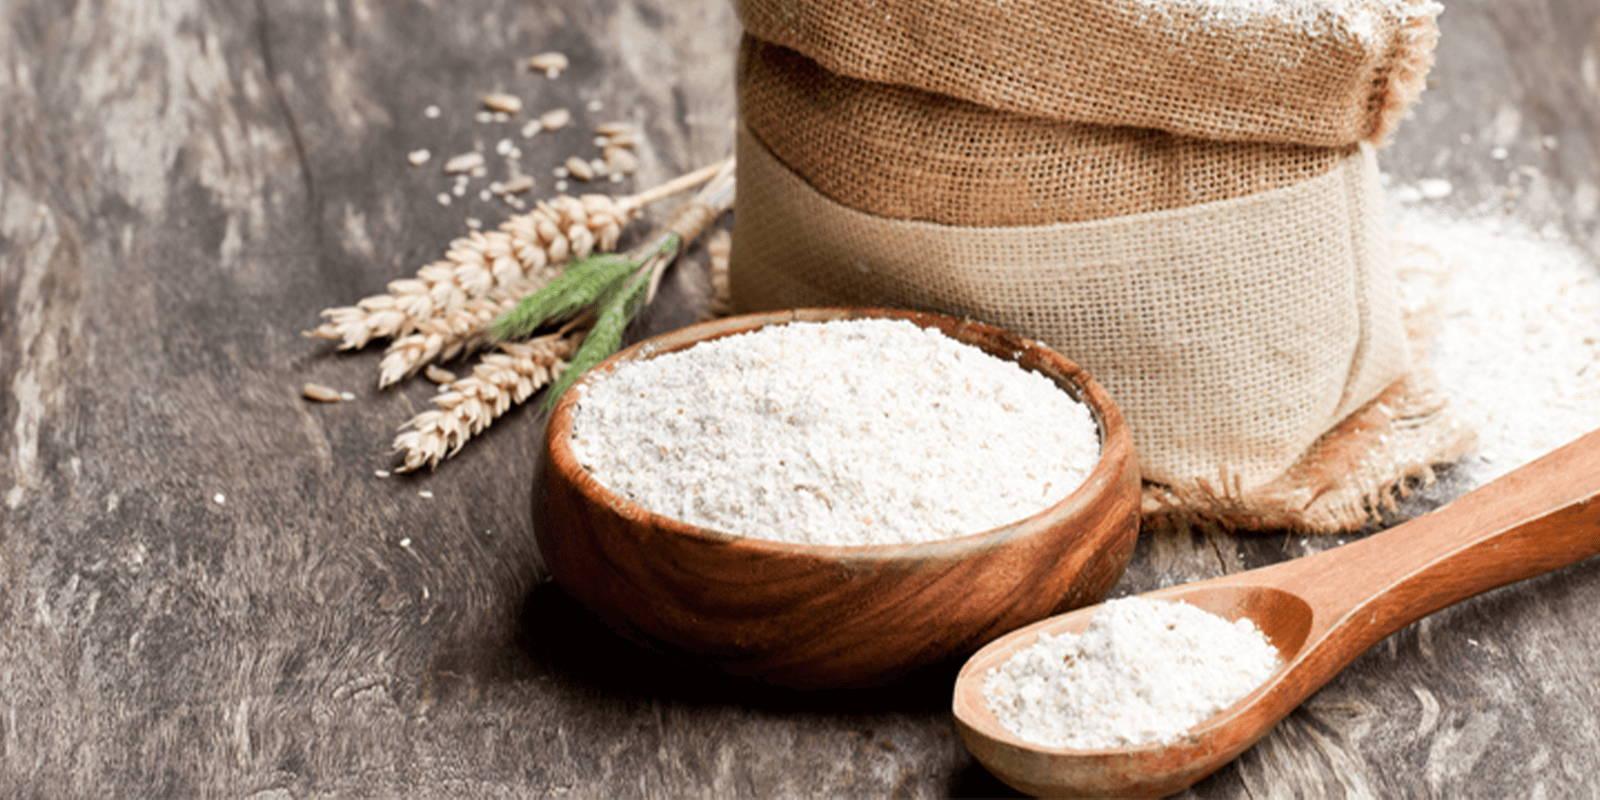 Bag of flour.